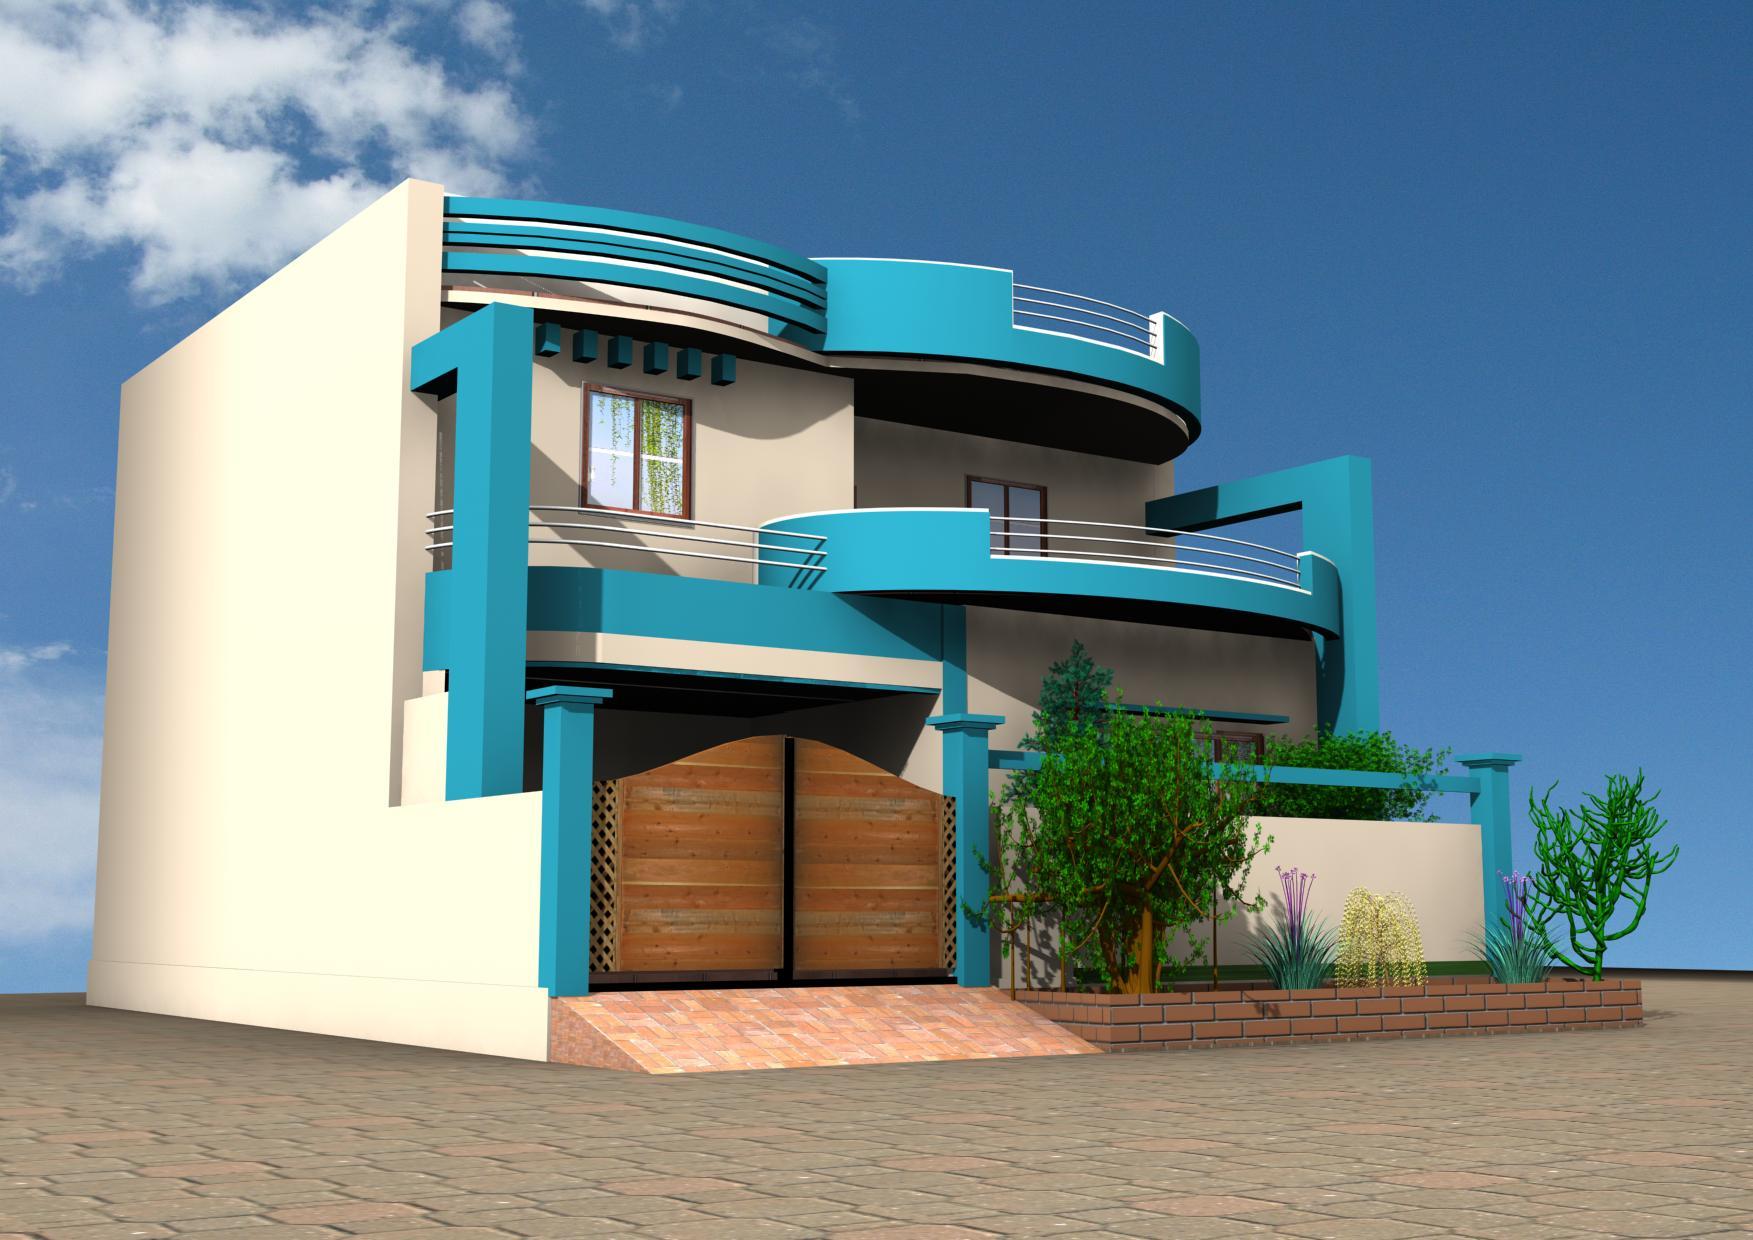 Wandfarbe andern sweet home 3d